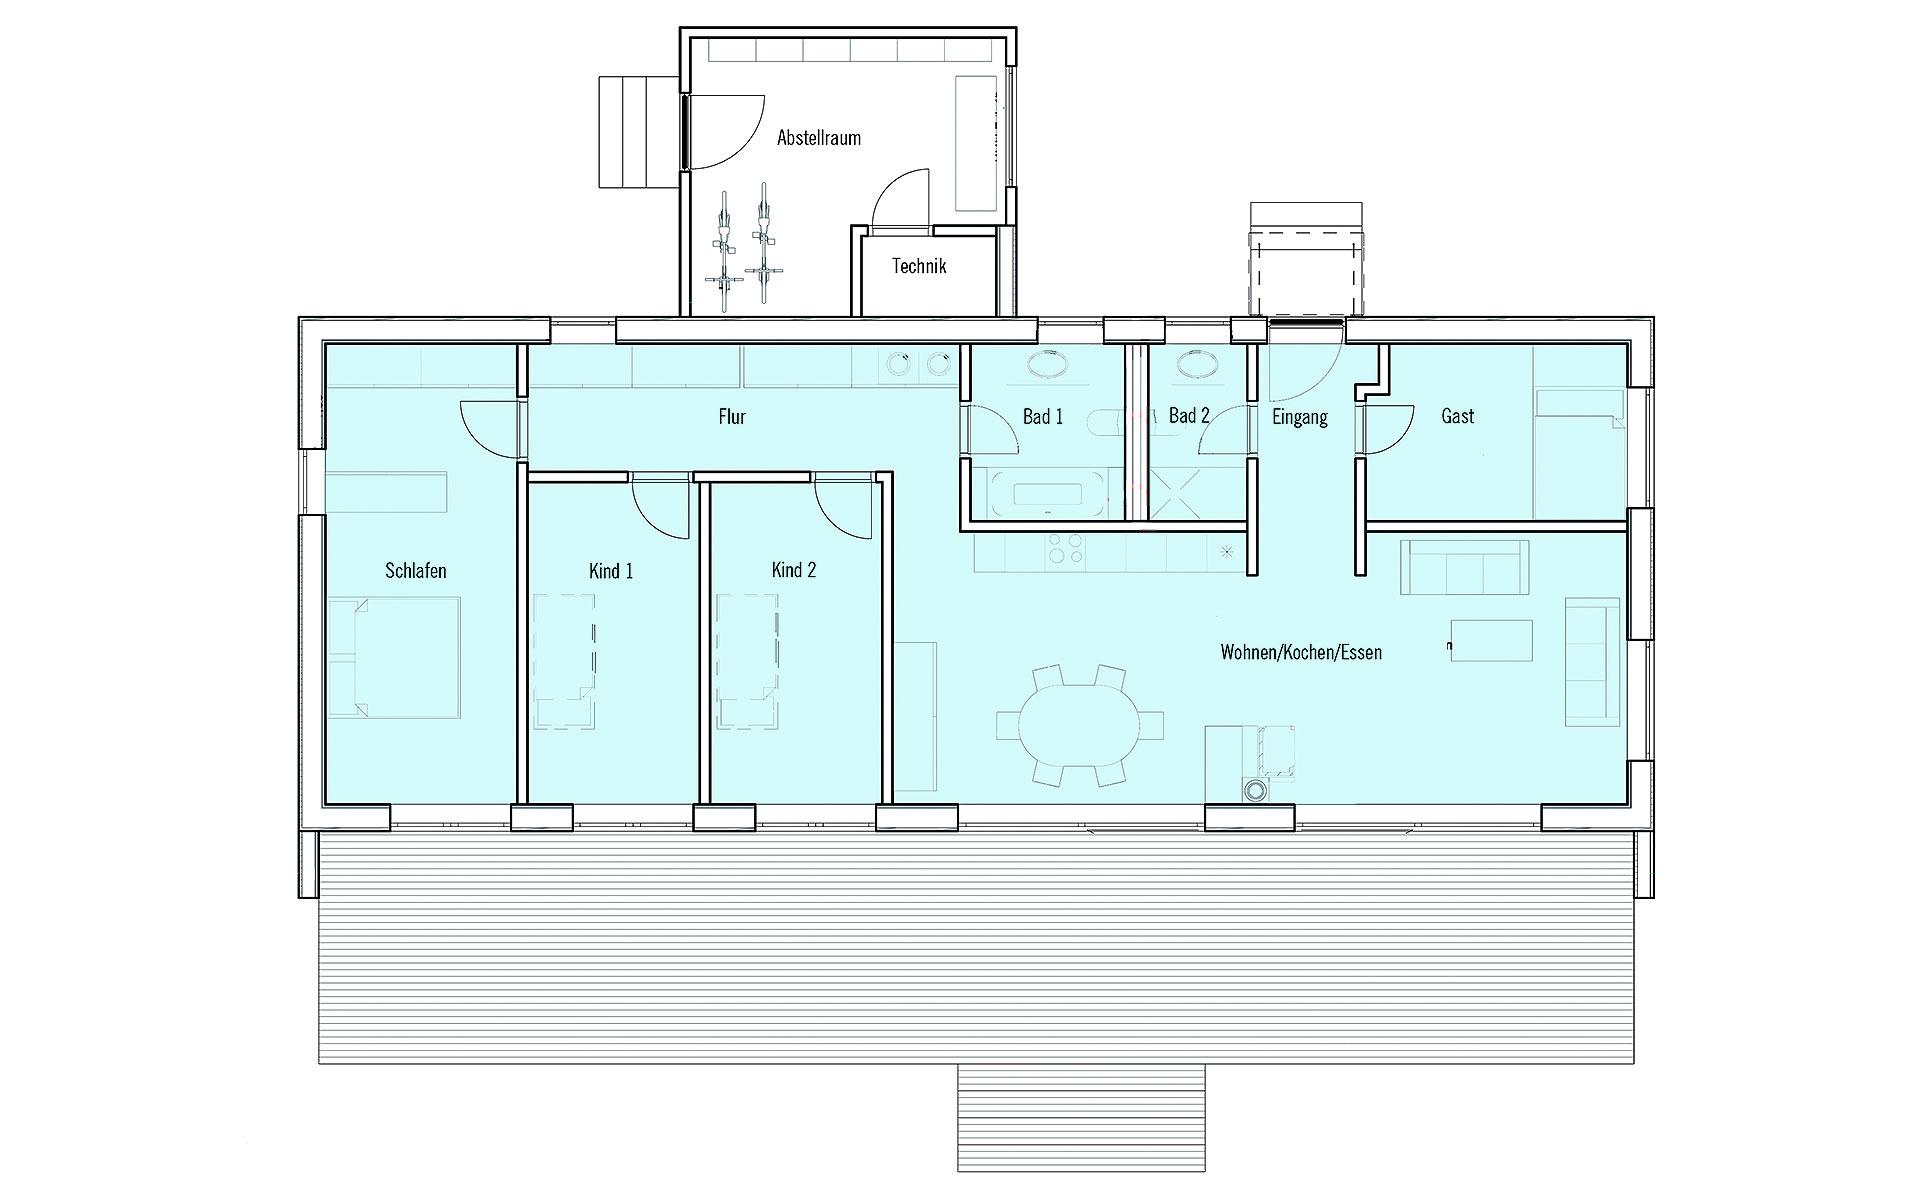 Erdgeschoss Moderner Bungalow von Bau-Fritz GmbH & Co. KG, seit 1896